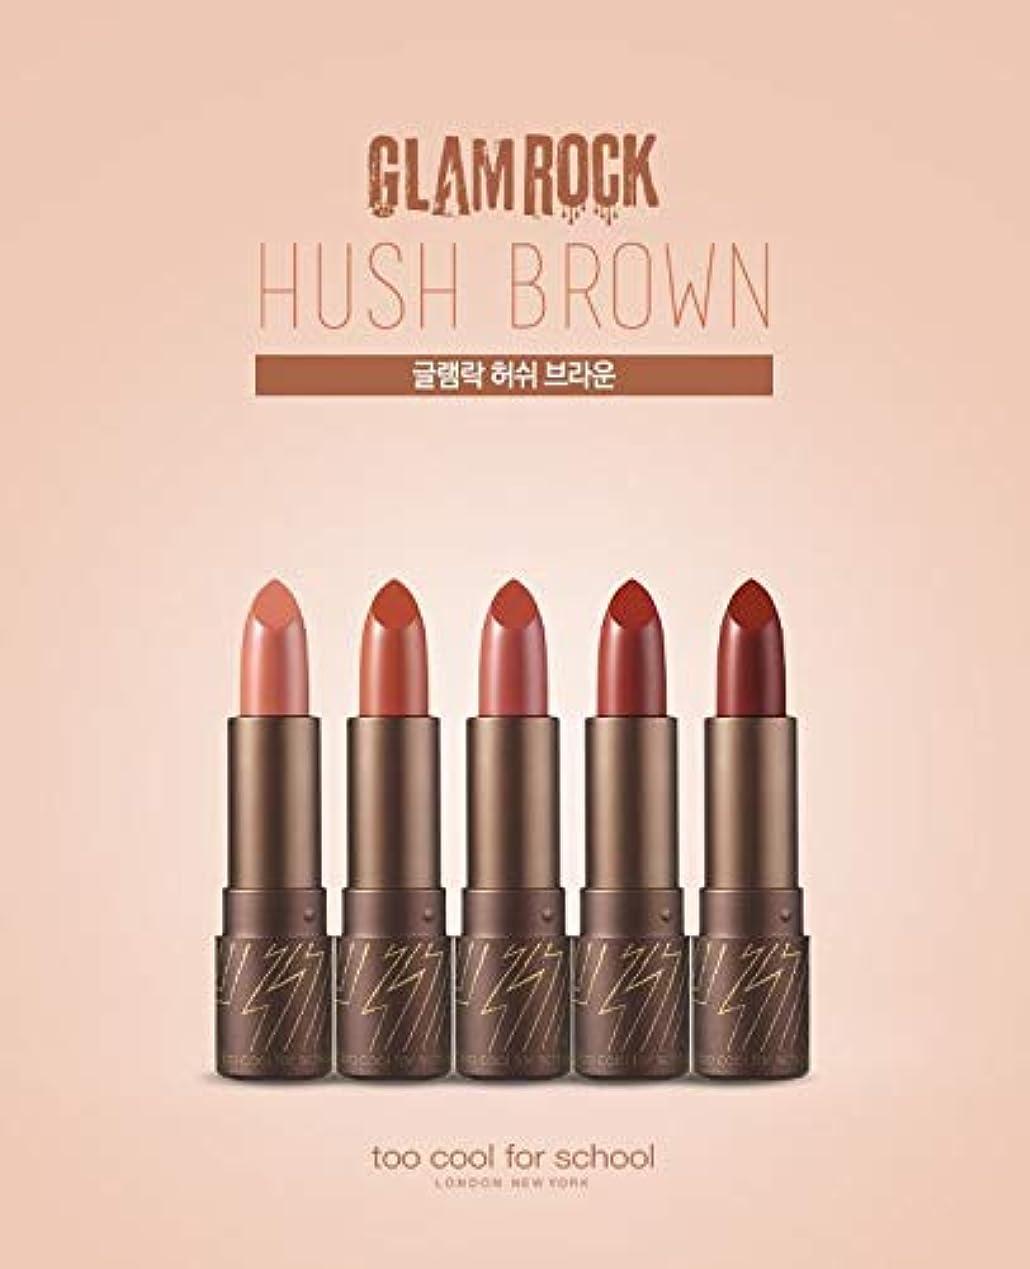 ヨーロッパ黄ばむ地震[too cool for school] GLAMROCK Hush Brown 4.2g /グルレムラクハーシーブラウン (3号 Moderate/モドレート) [並行輸入品]